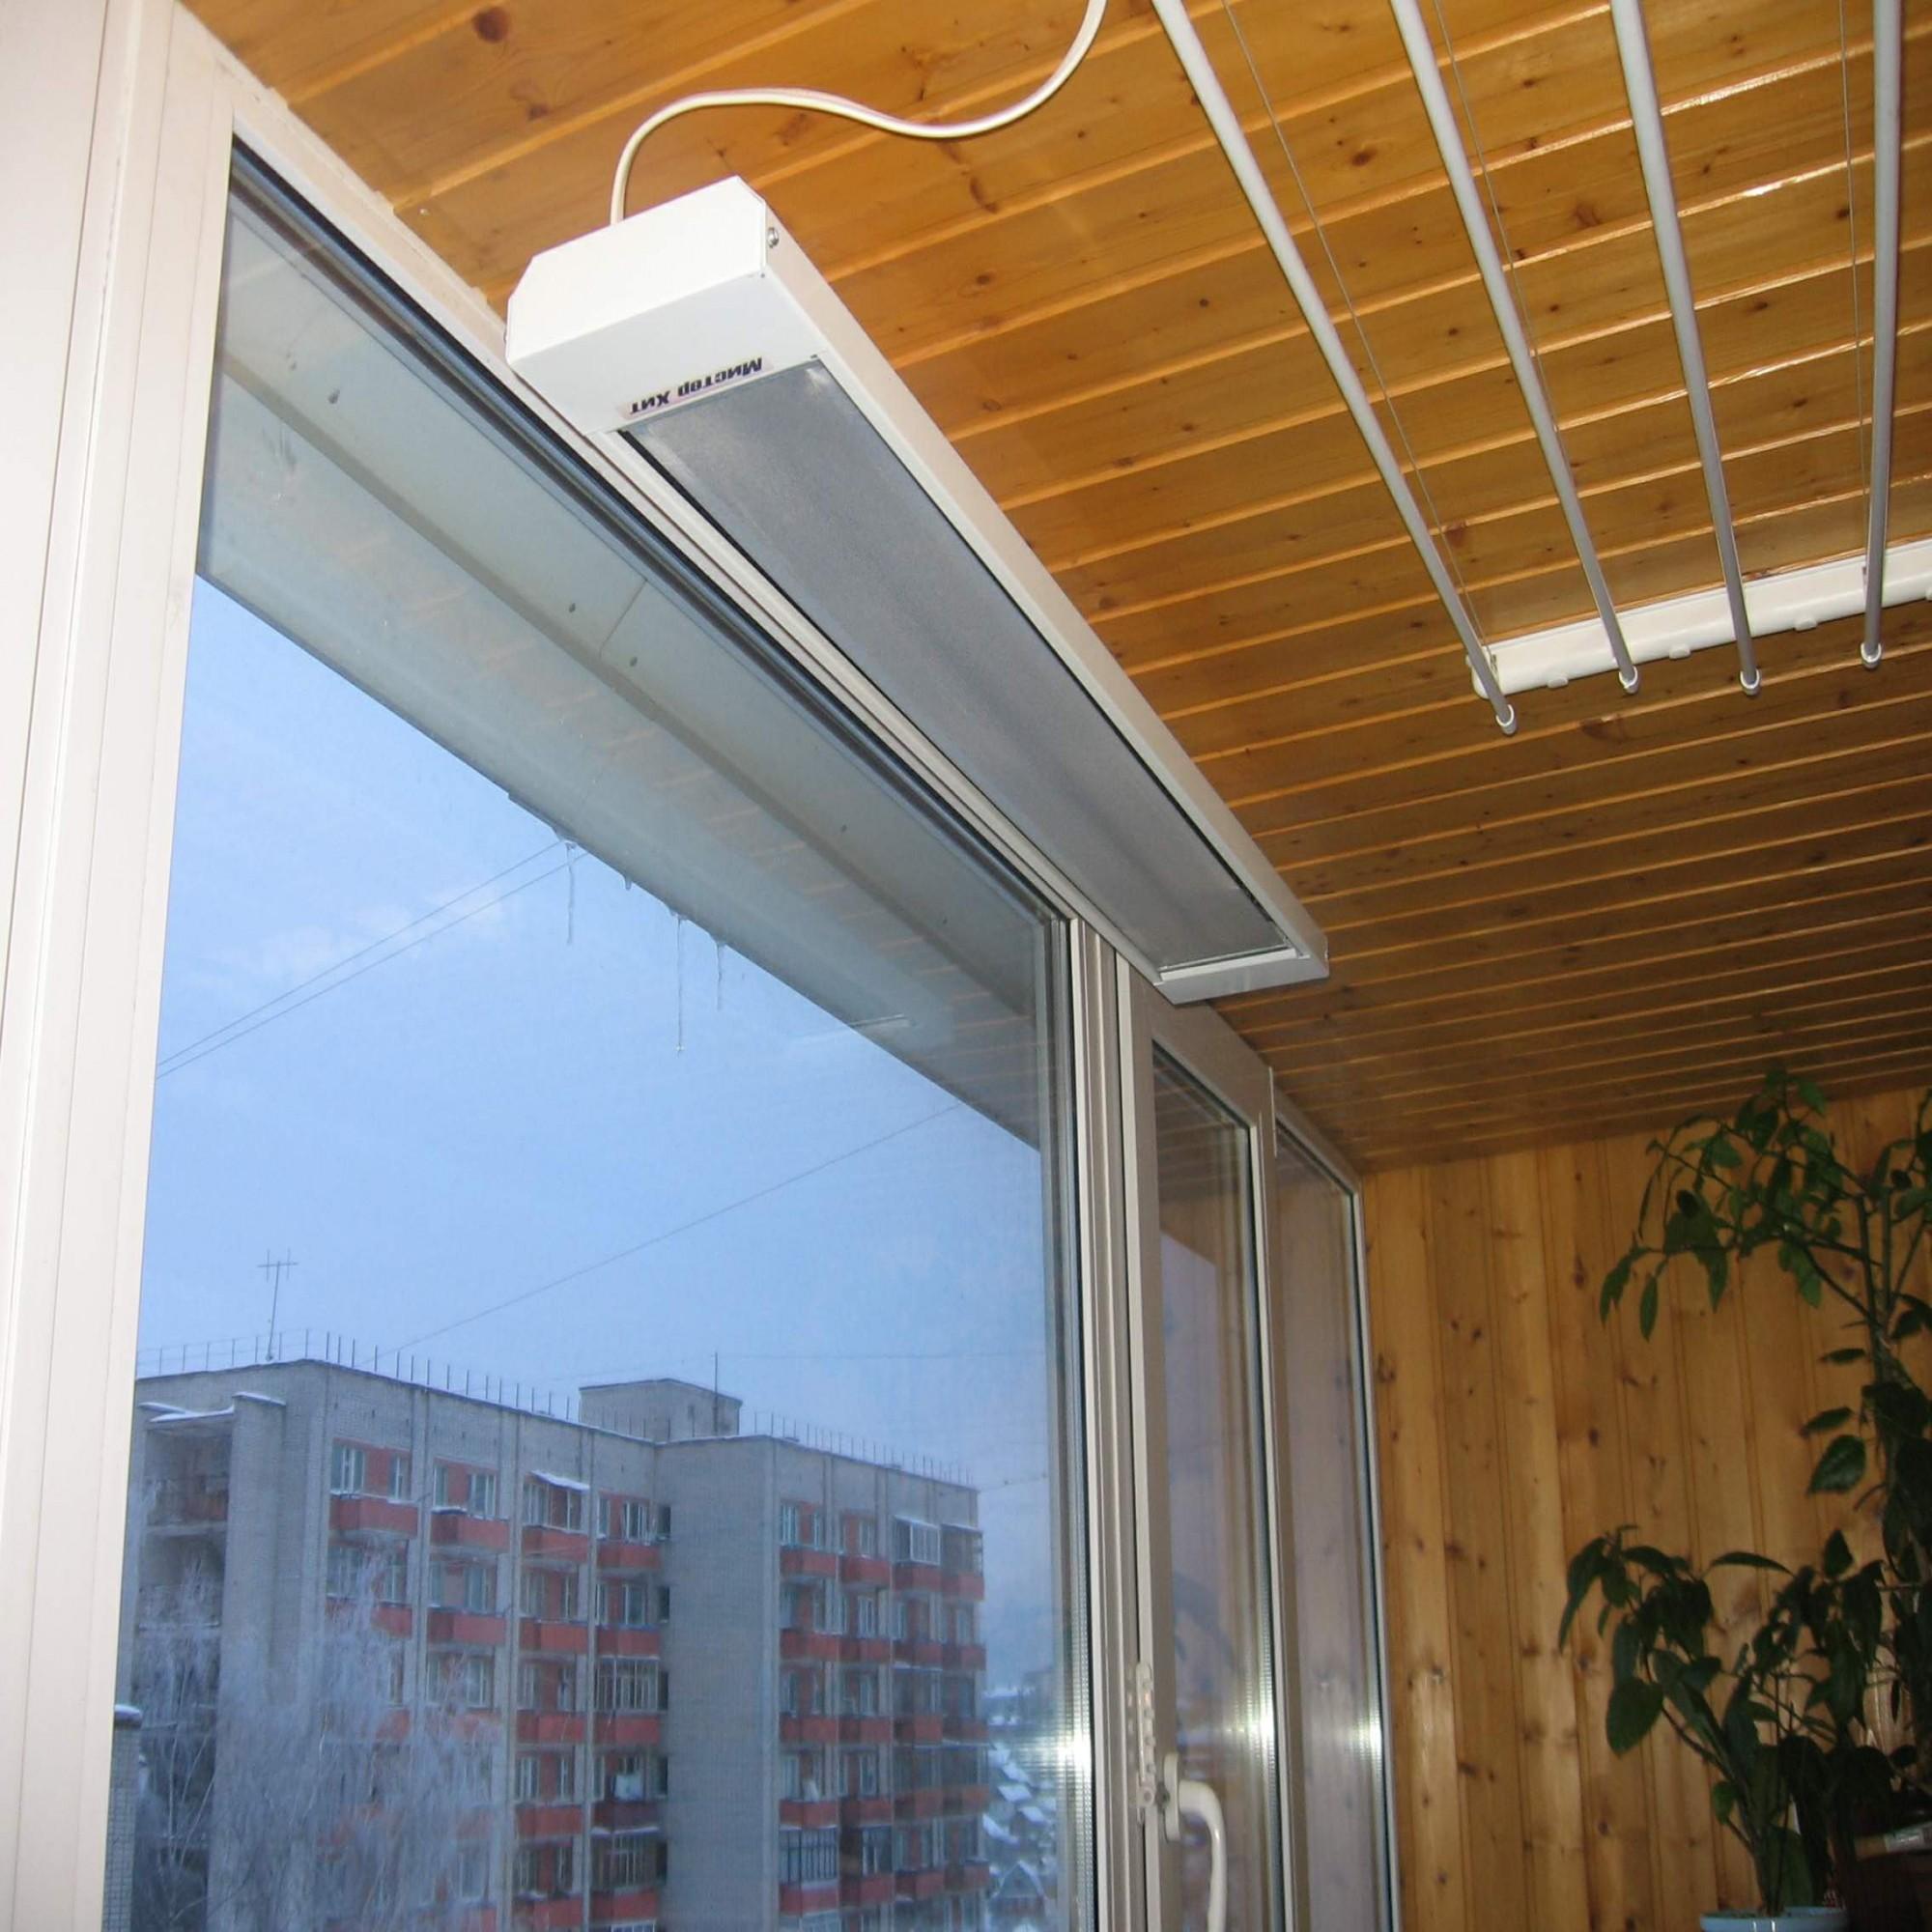 Инфракрасный обогреватель для балкона.